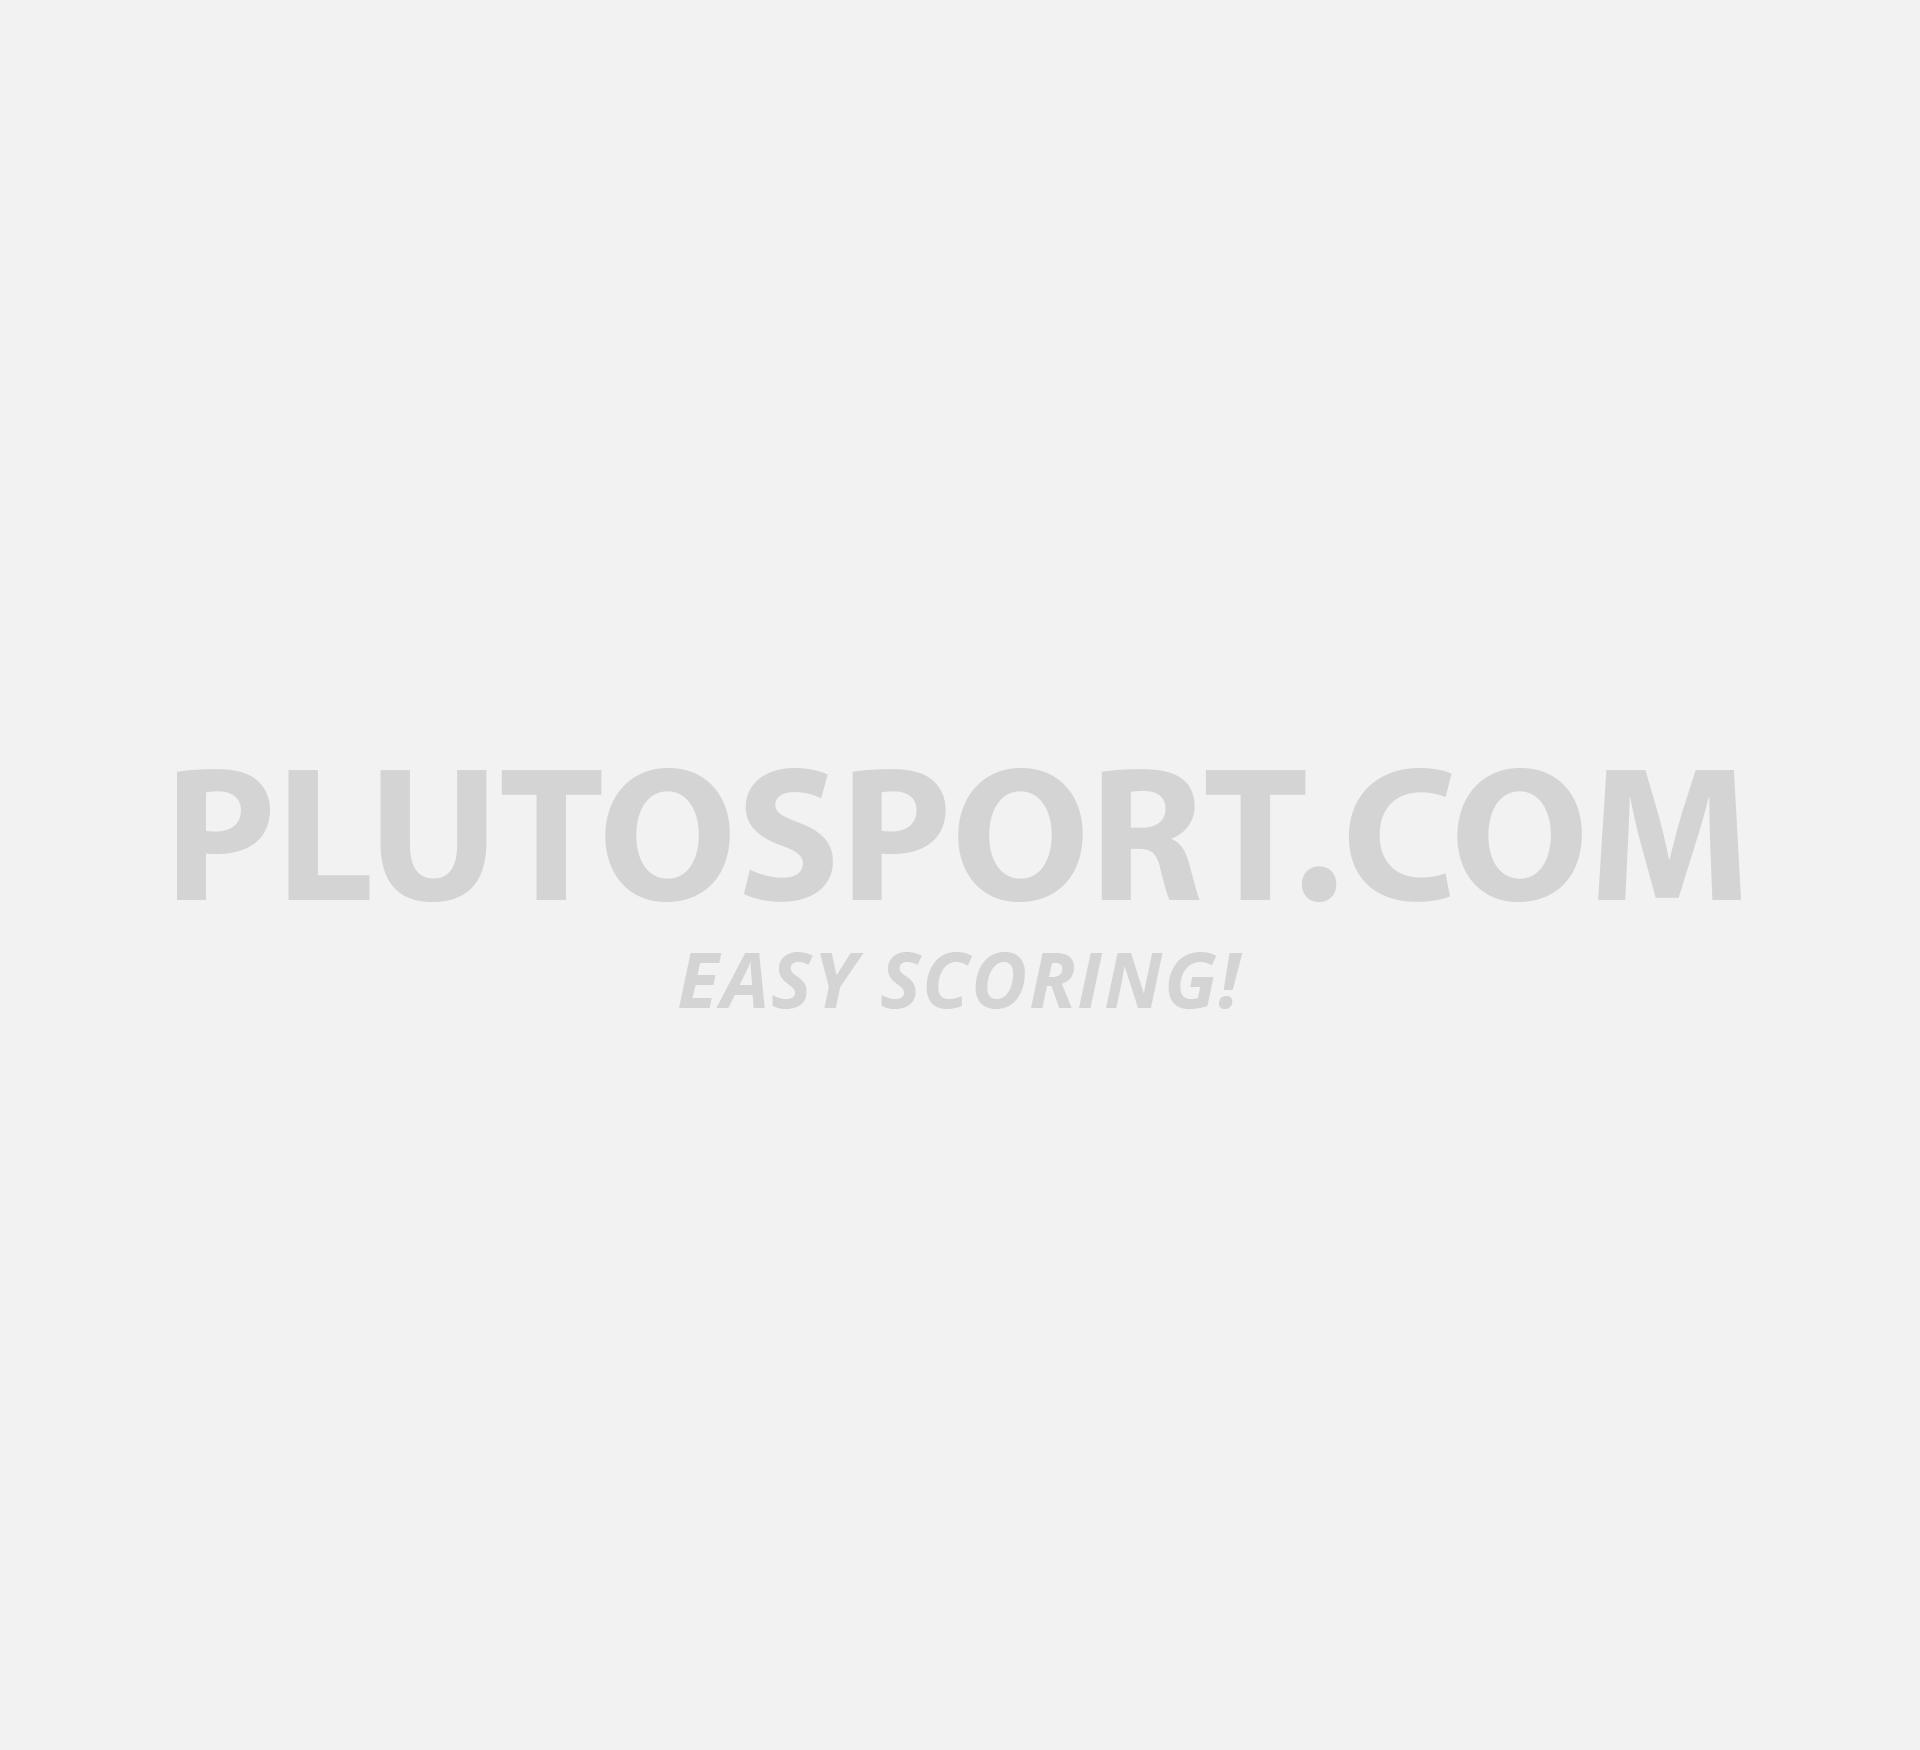 4bd12e98e4879 Adidas Tiro Teambag Medium - With shoe compartment - Bags - Football -  Sports | Plutosport